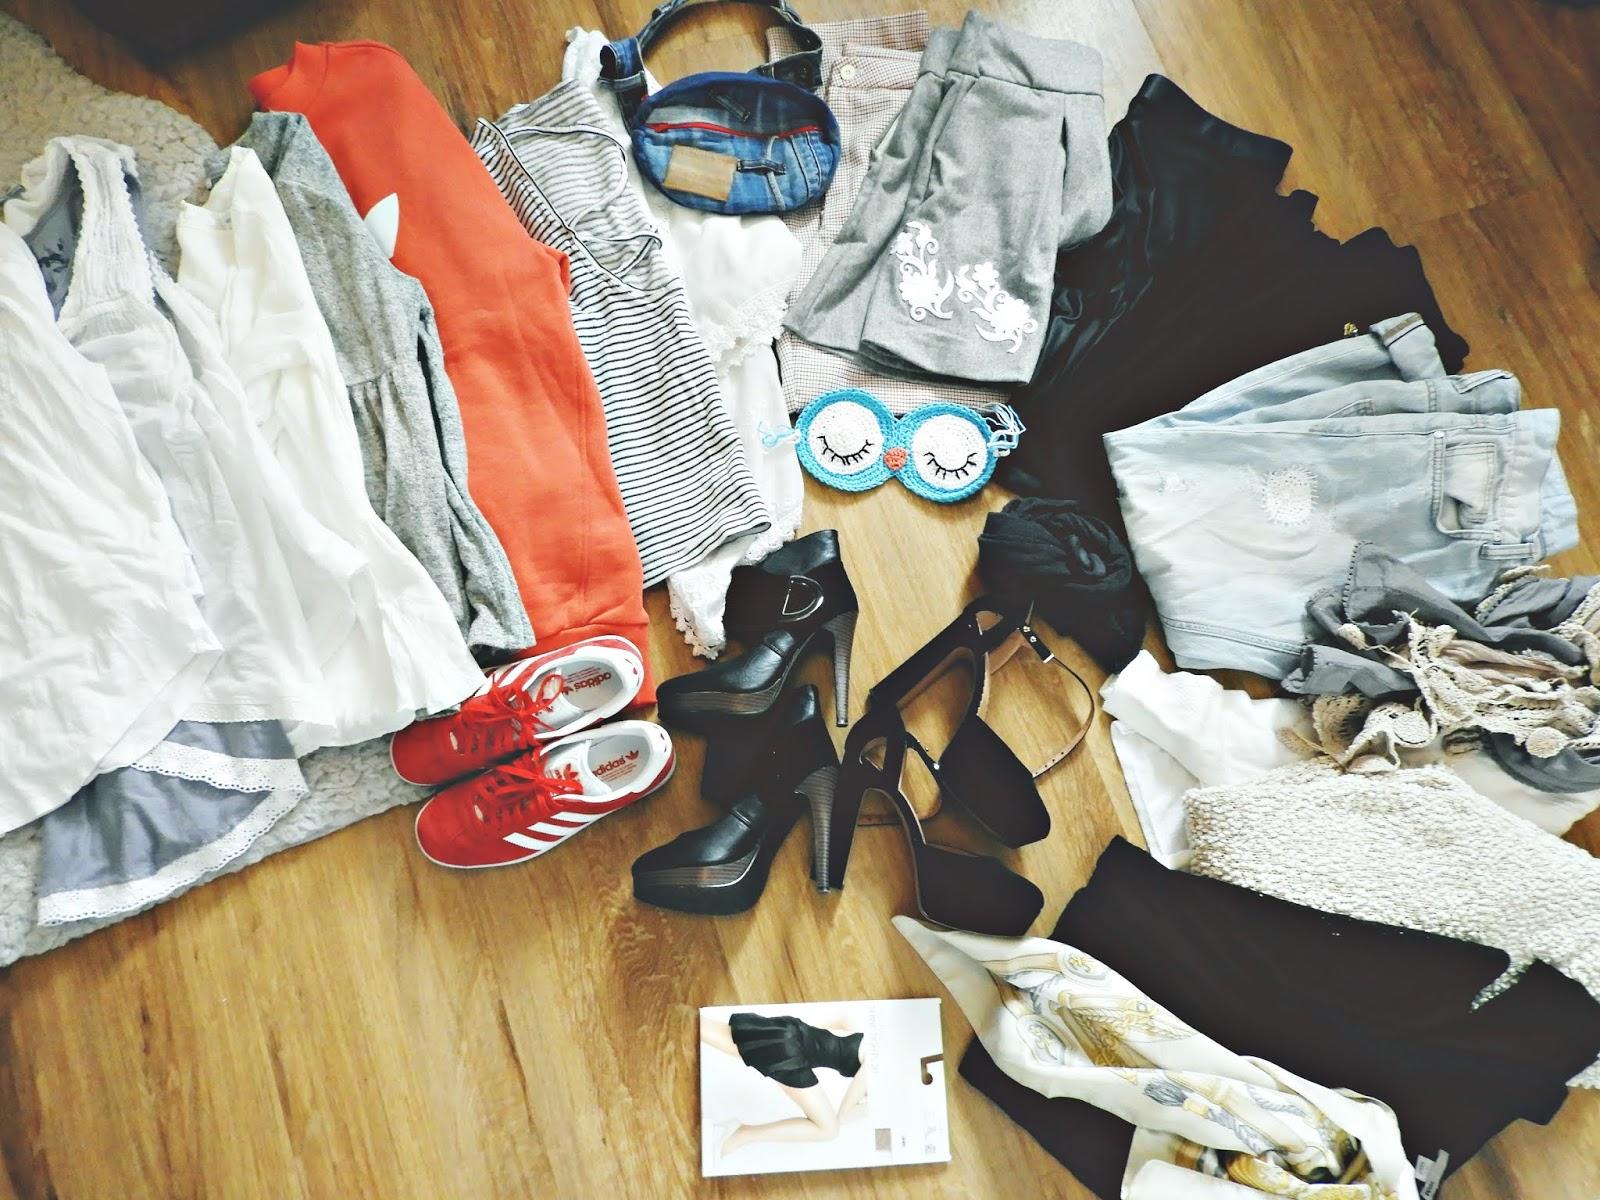 Voiko matkalle ottaa liikaa vaatteita mukaan? VillaNanna